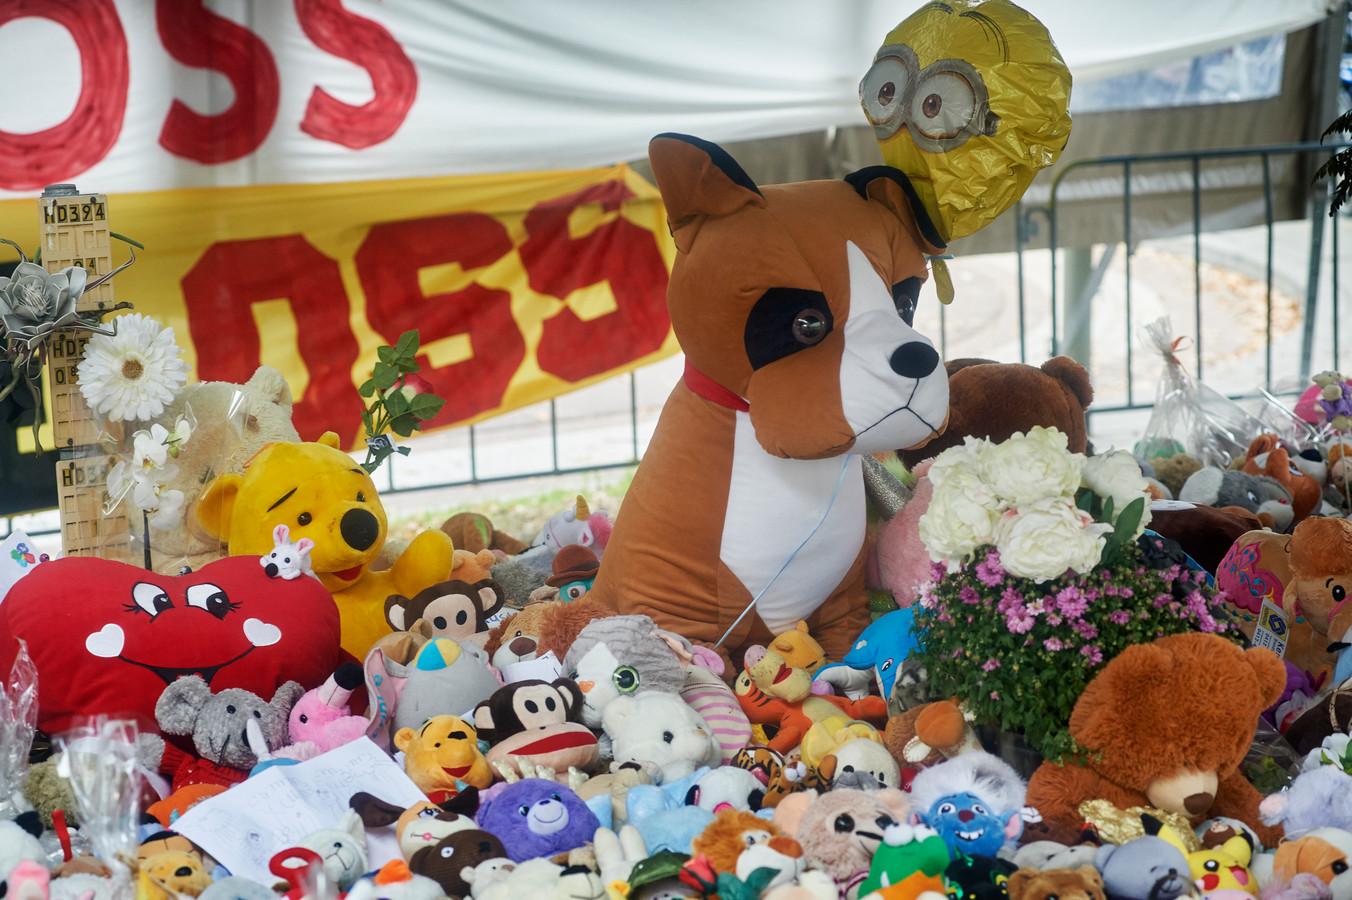 Vlakbij de plek van het ongeval werden honderden knuffelbeesten achtergelaten.